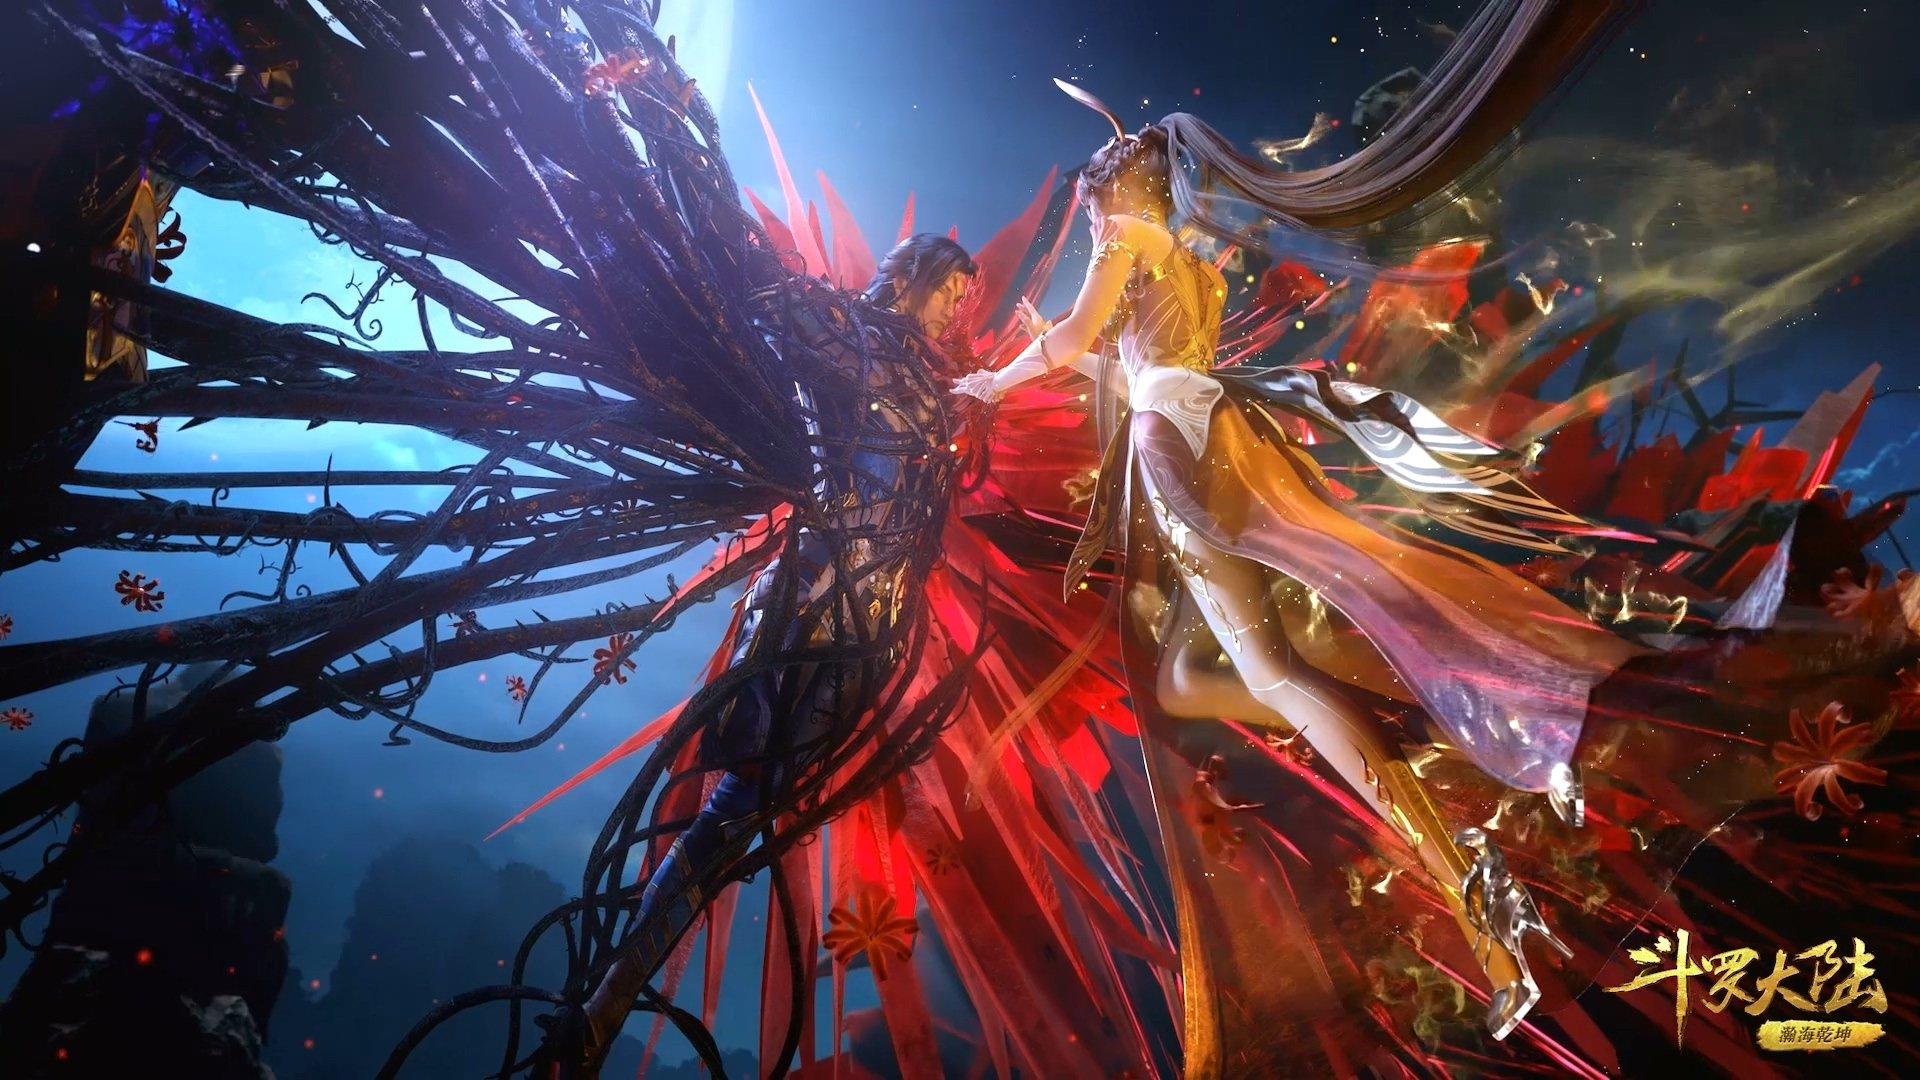 斗罗大陆:第134集 小舞献祭,一曲《不舍》诀别小舞